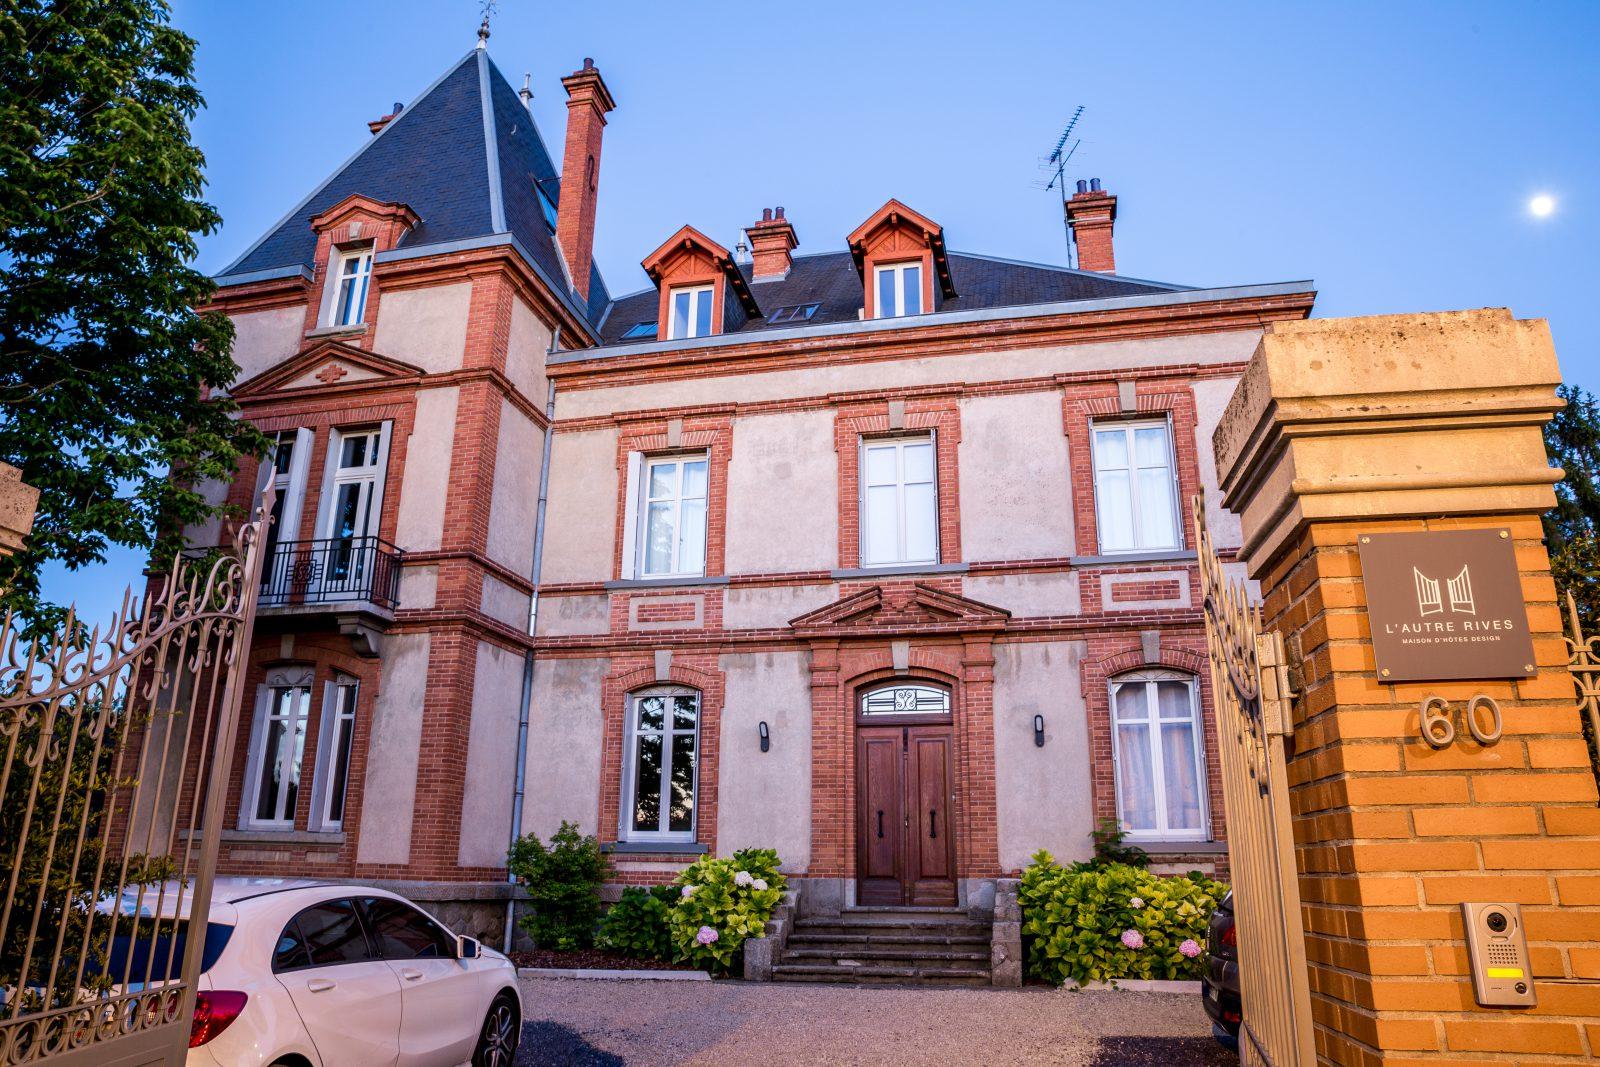 Maison luxe toulouse centre ventana blog - Chambre d hote toulouse centre ...